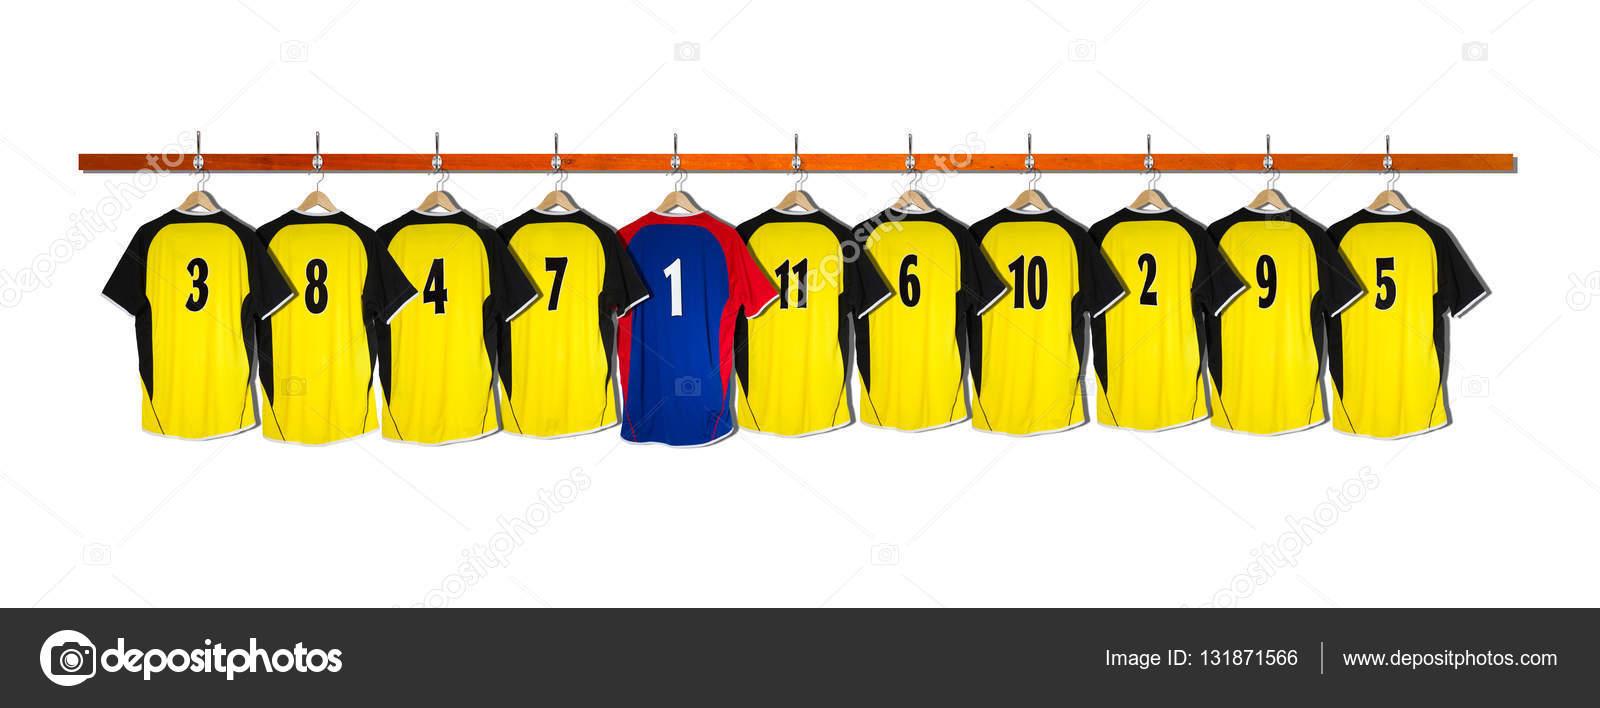 224a896cd0a7 Κίτρινες και μαύρες μπλούζες ποδοσφαίρου κρέμονται ενάντια σε λευκό φόντο —  Εικόνα από owen owensmithphotography.com